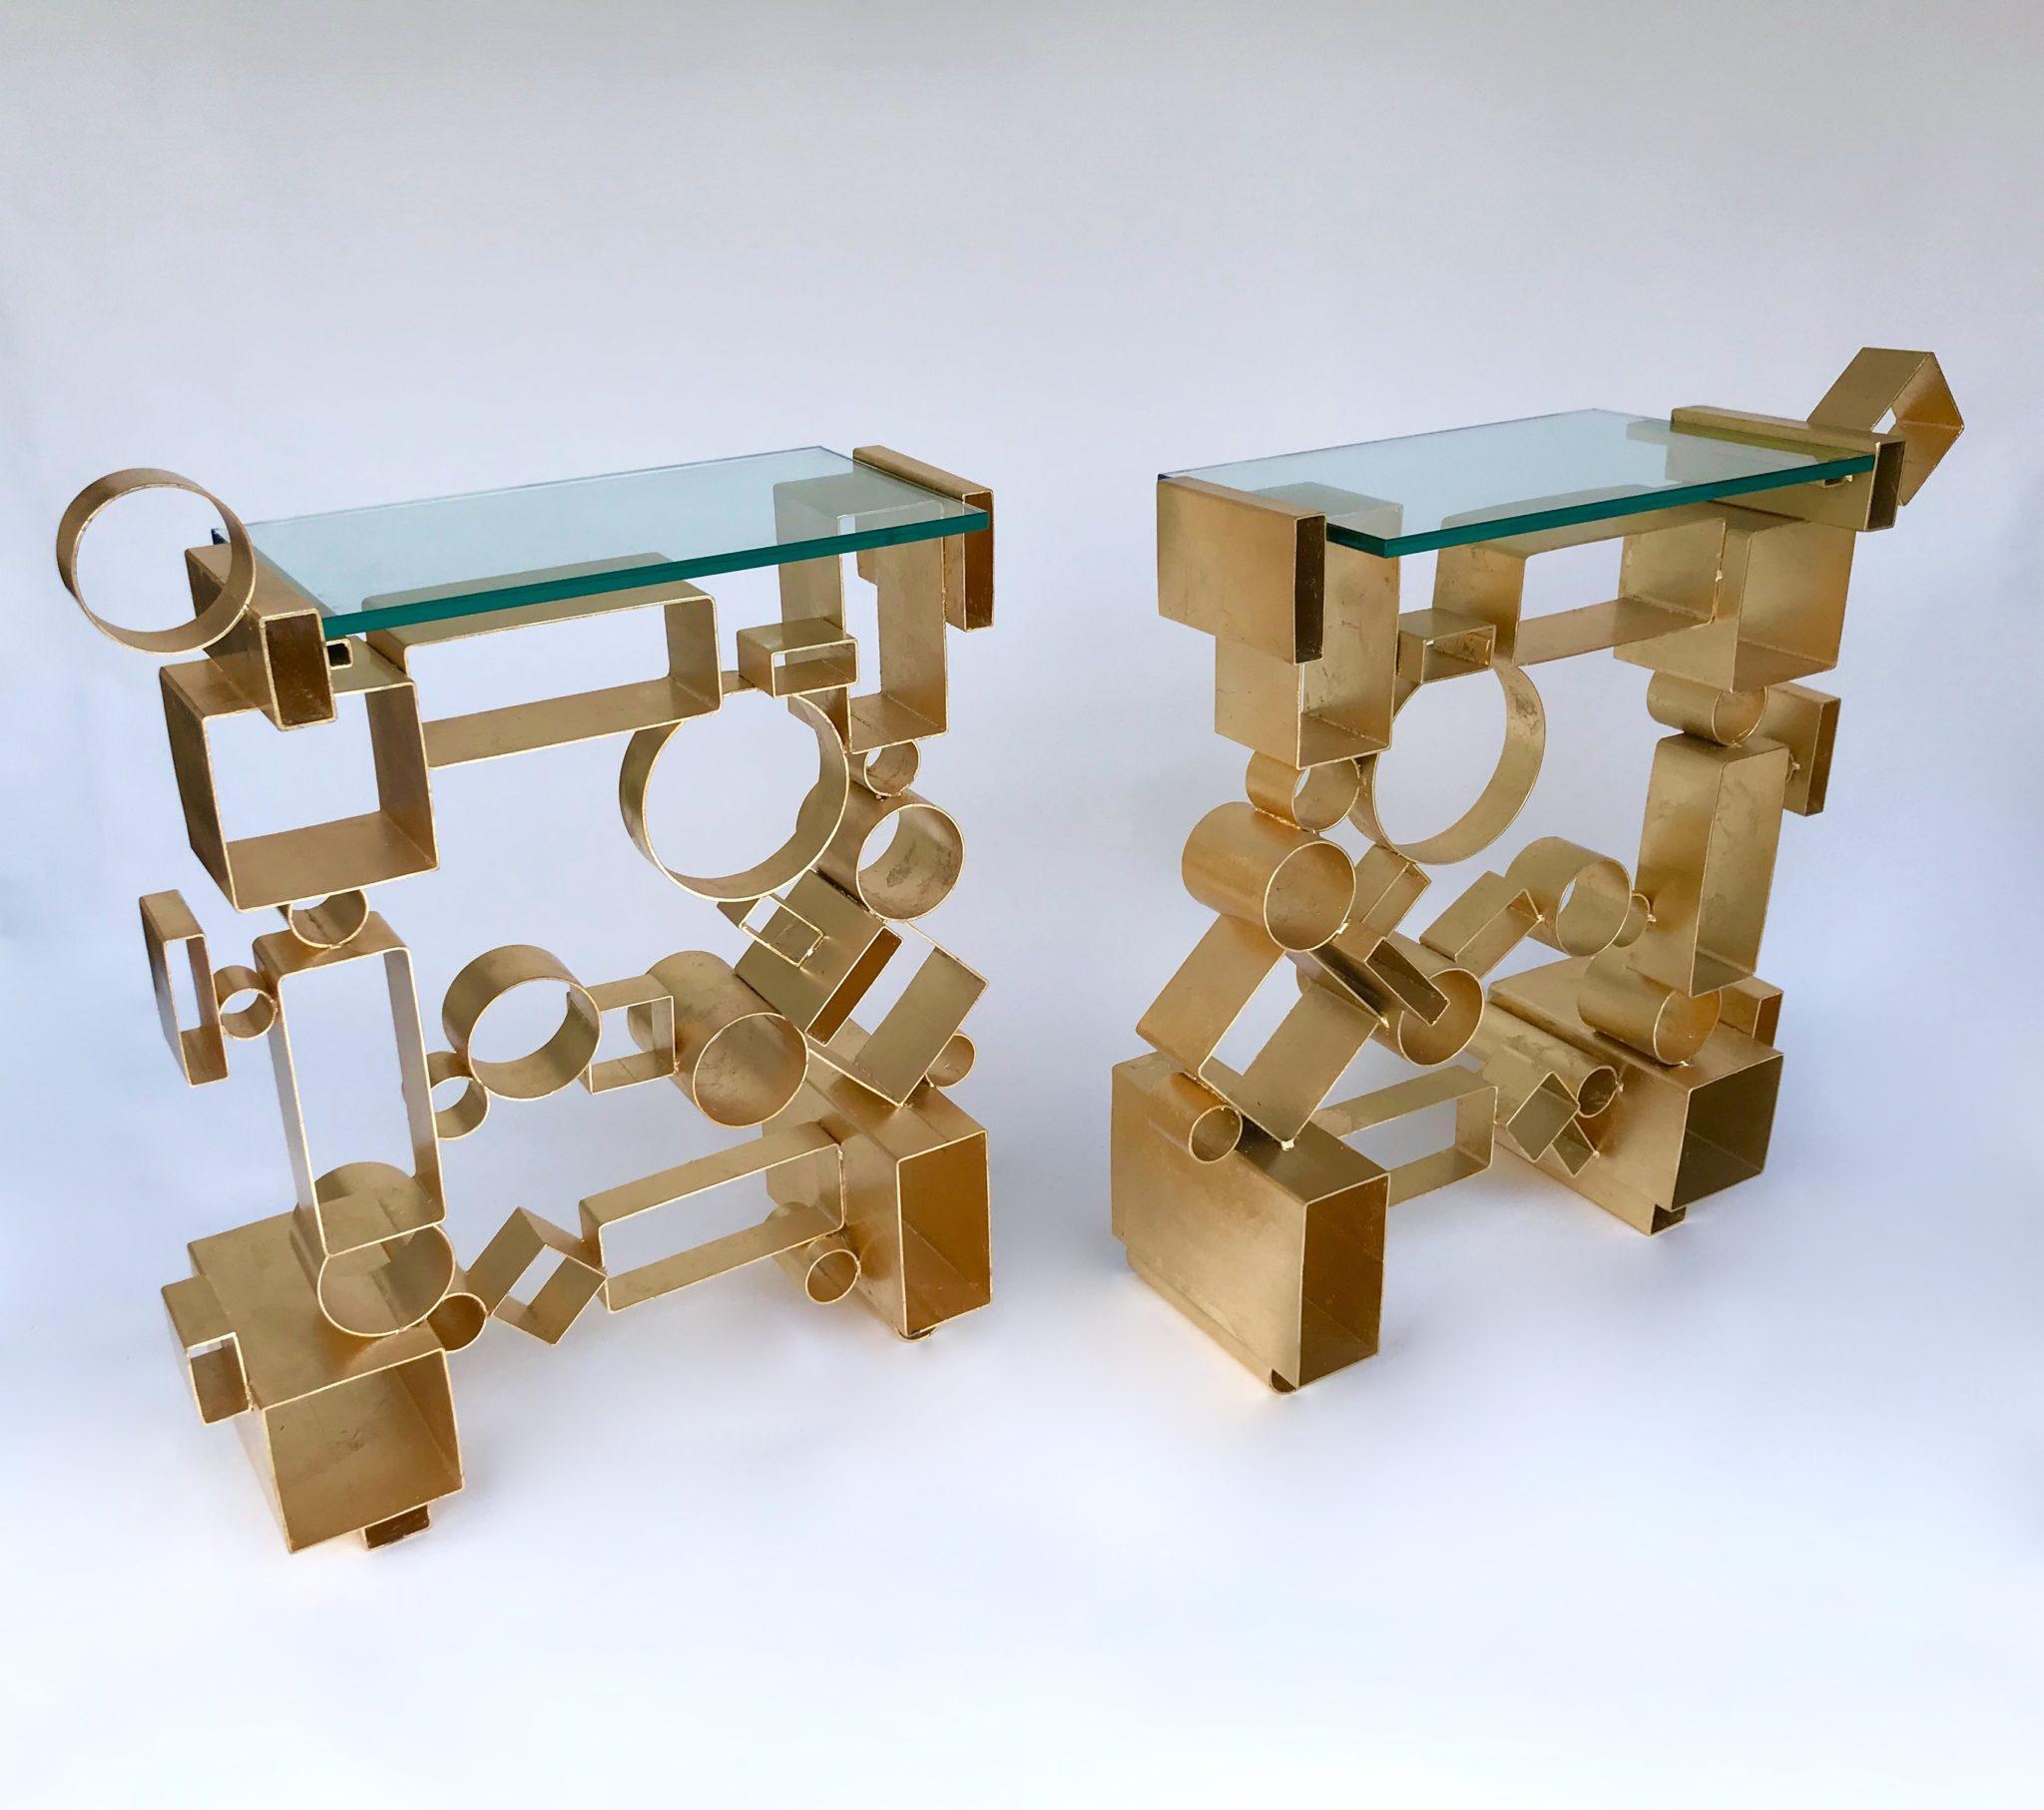 GALERIE STANISLAS REBOUL Antonio Cagianelli  Paire de console «Géometrie»  Métal doré à la feuille  Italie (2017) 8Ex. avec certificat de l'artiste.  Courtesy Galerie Stanislas Reboul